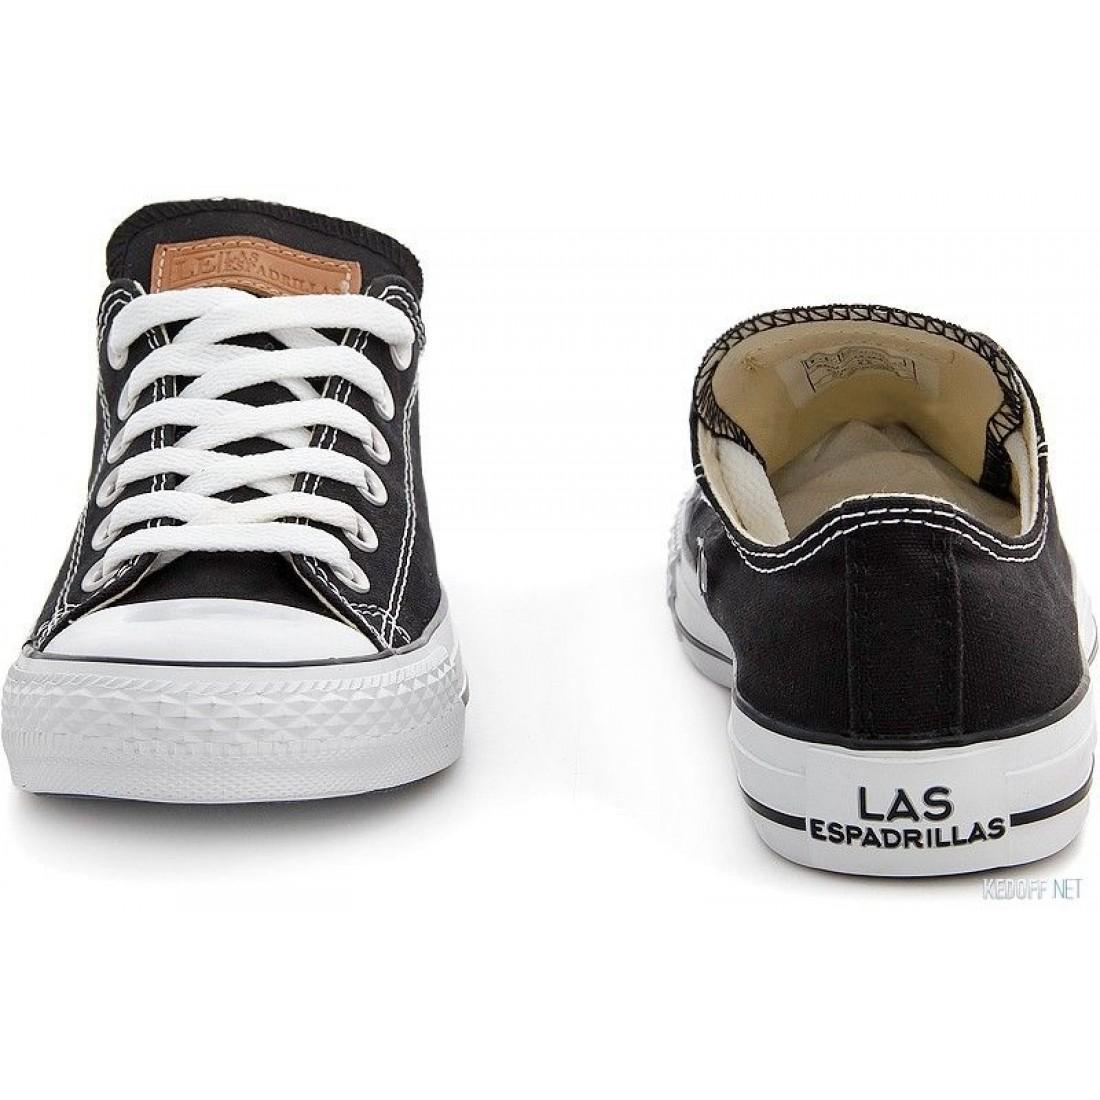 2c584529 ... Черные полукеды Las Espadrillas Black Classic Low Le38-9166 Две пары  шнурков артикул KDF- ...